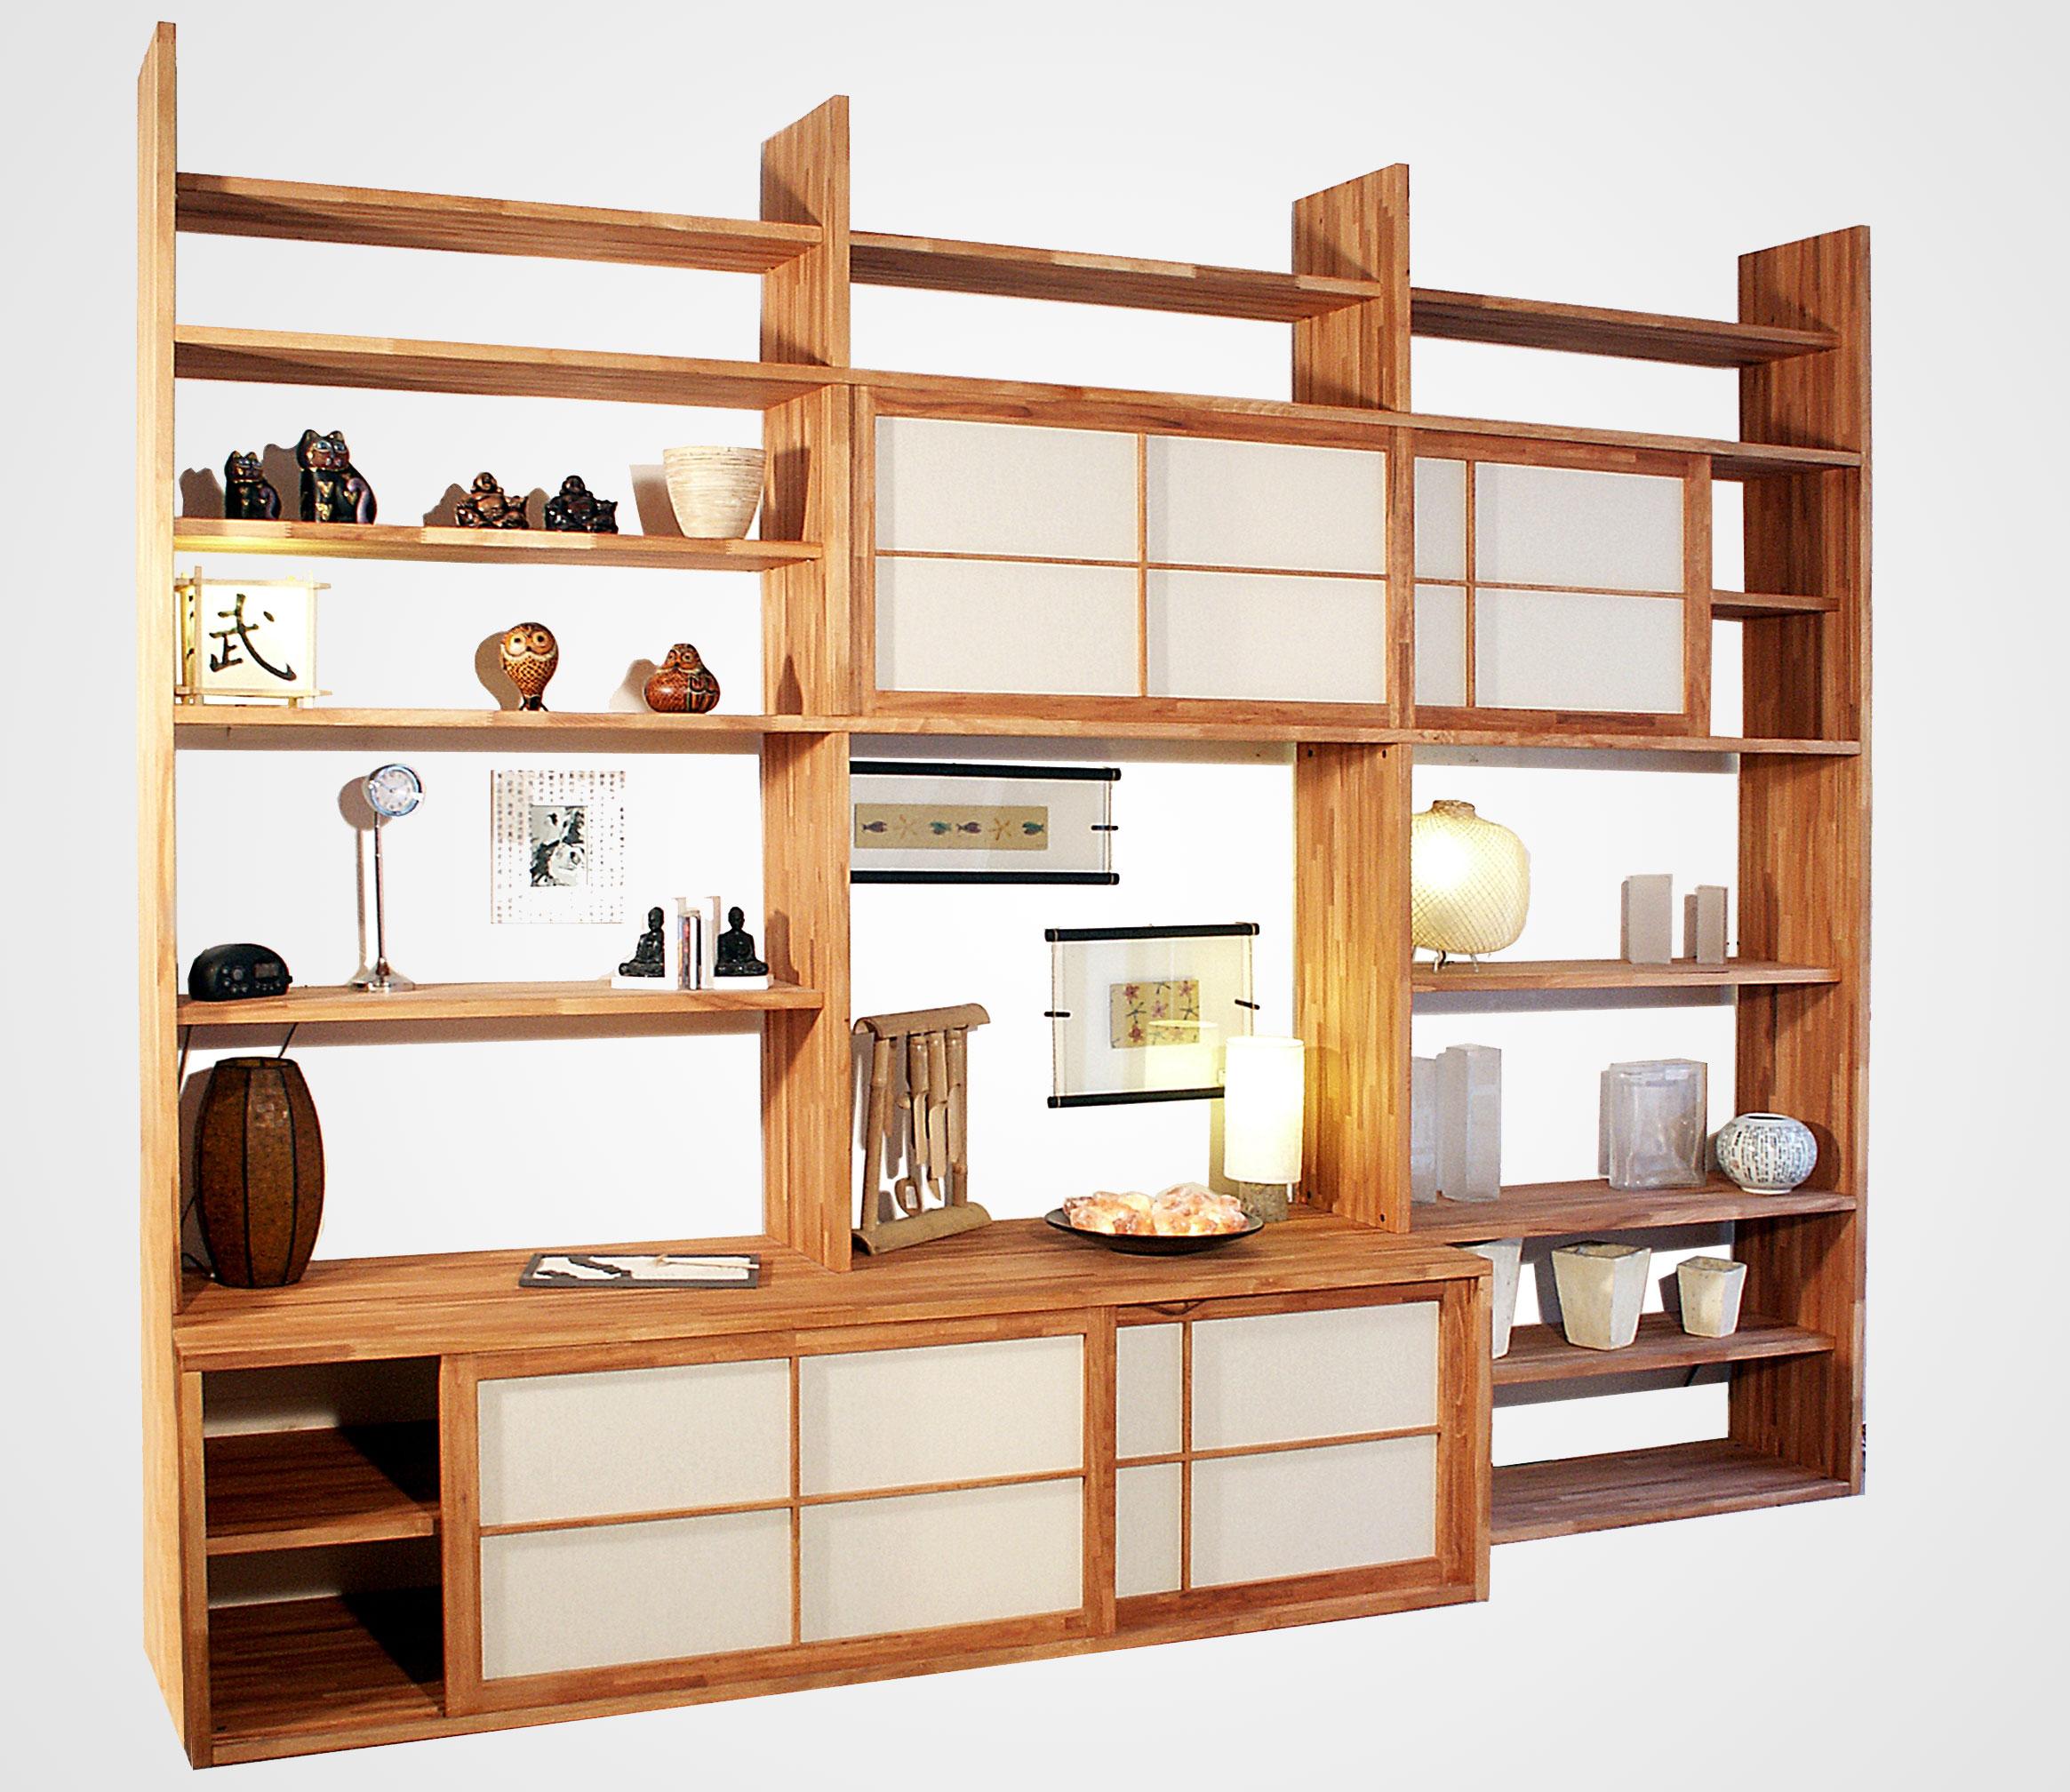 Bcherregal cinius for Librerie economiche on line